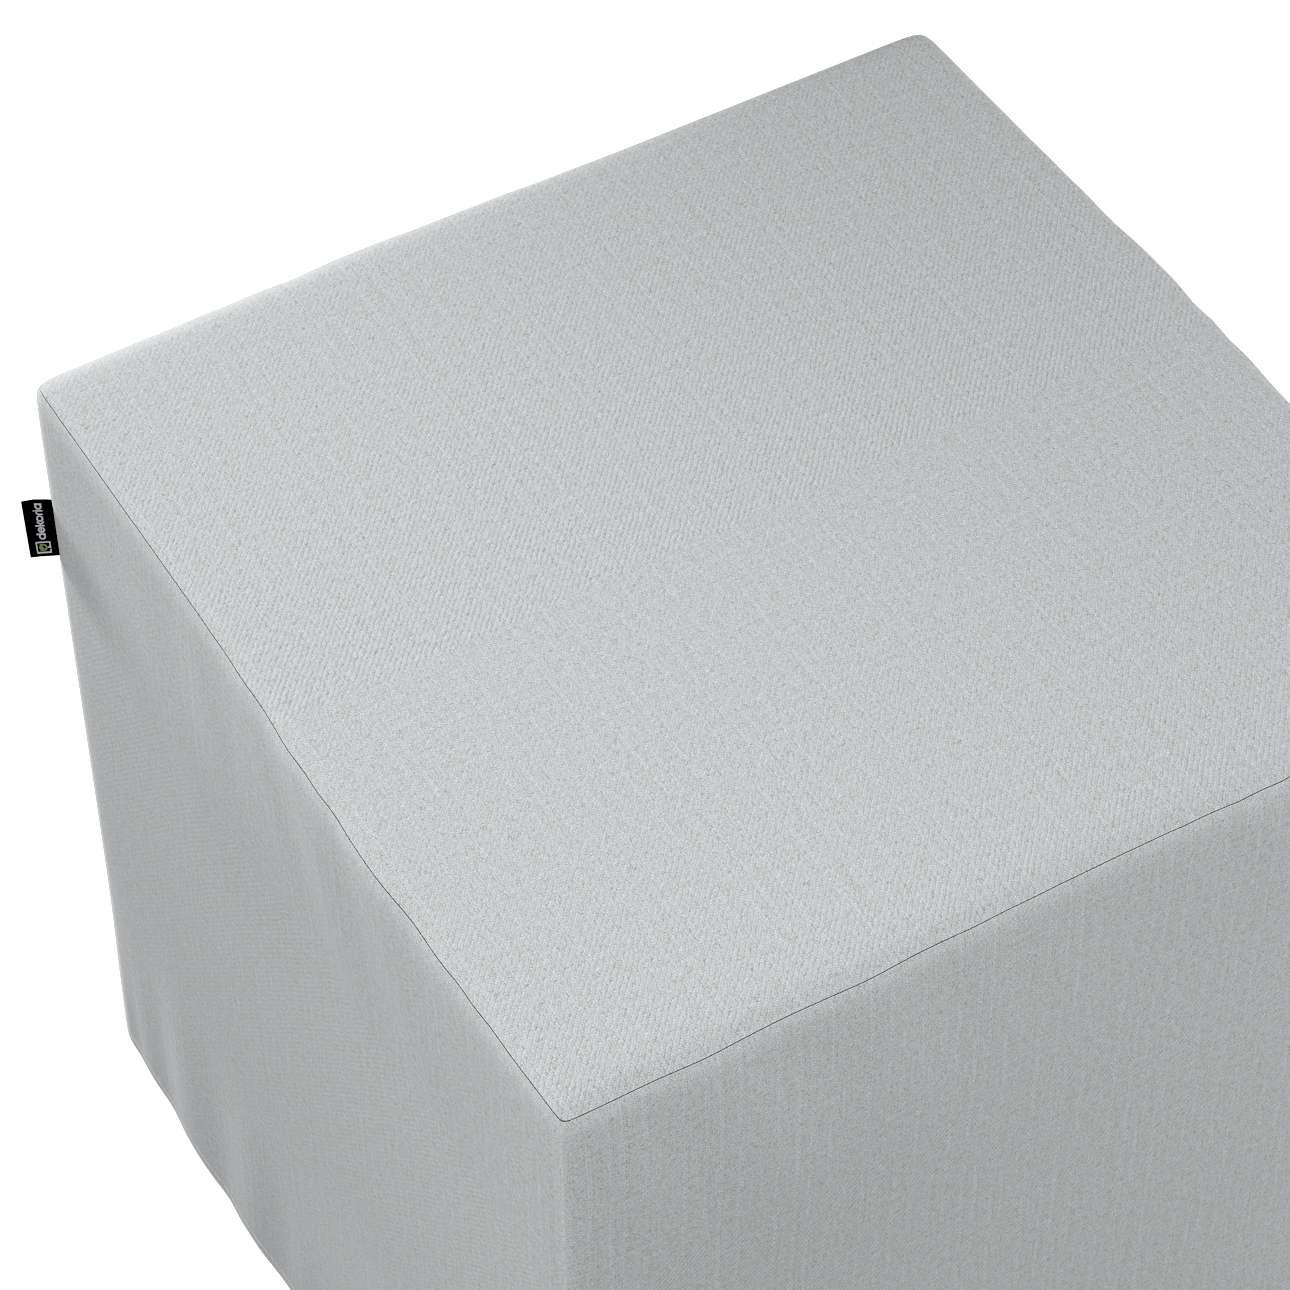 Pokrowiec na pufę kostkę w kolekcji Living, tkanina: 161-18